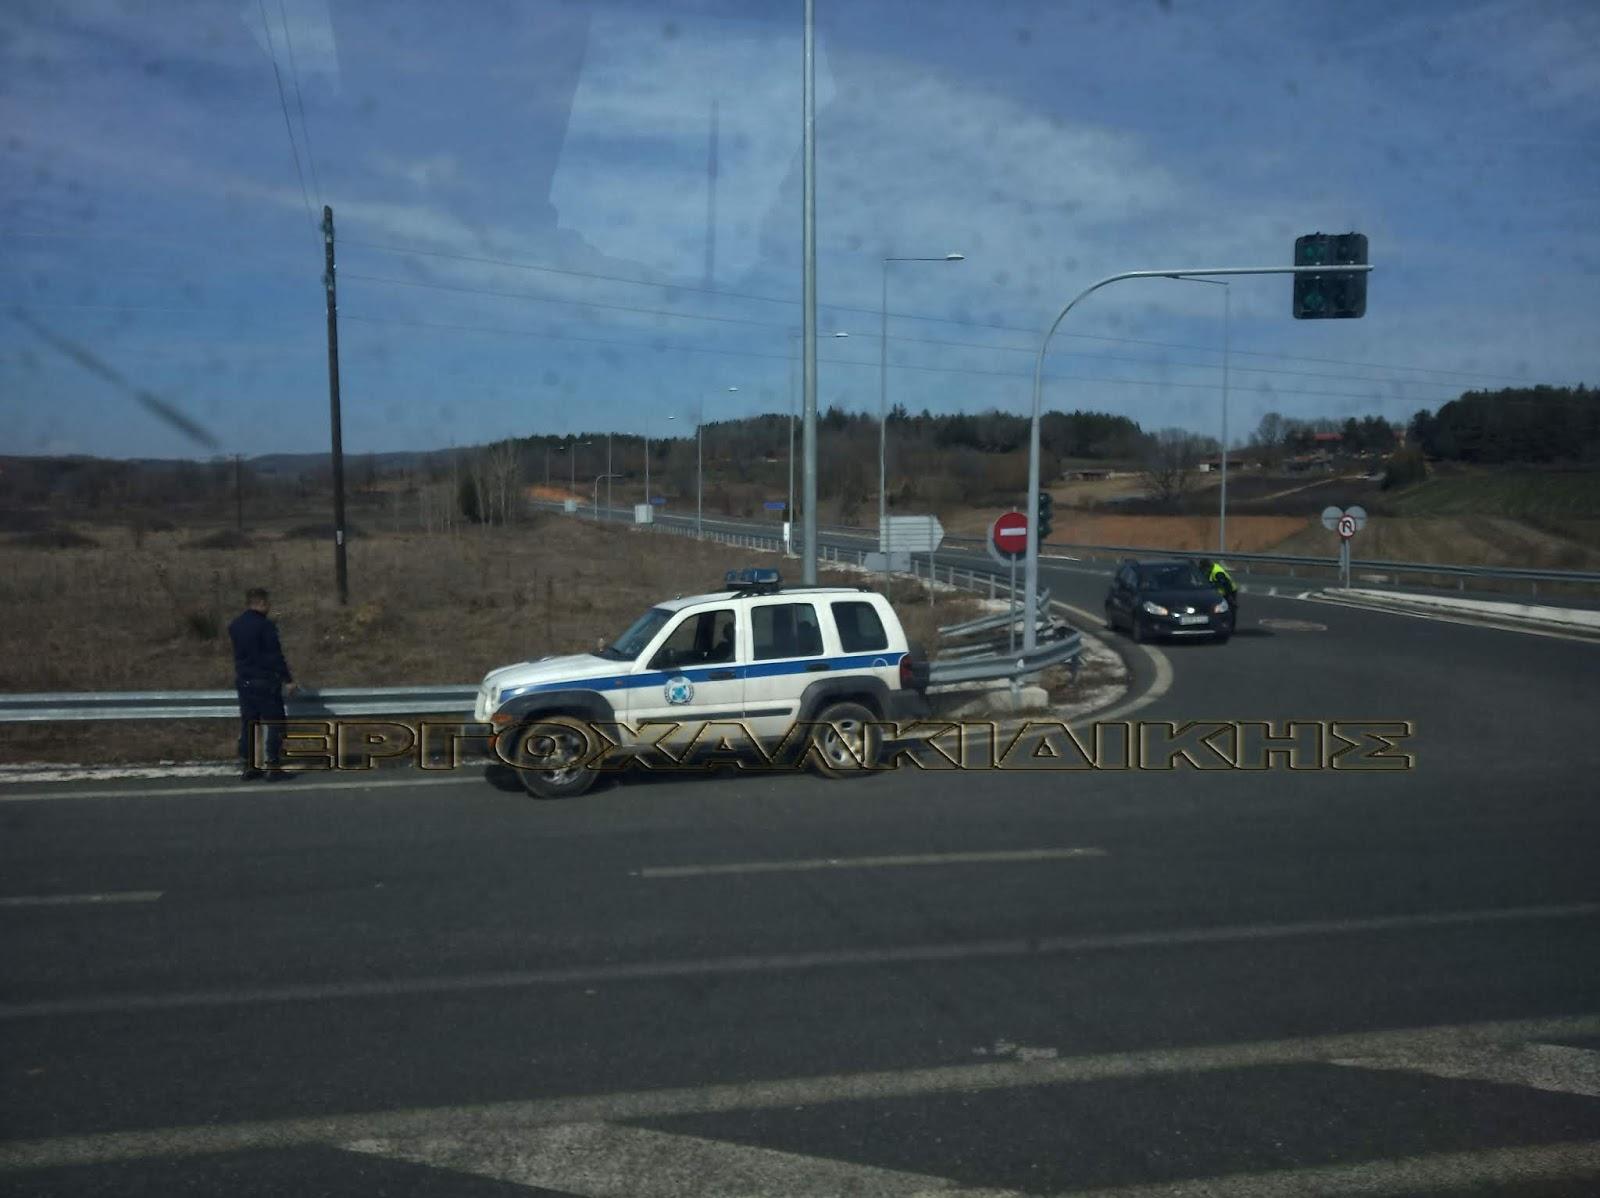 Εξιχνίαση κλοπής από το Αστυνομικό Τμήμα Αρναίας